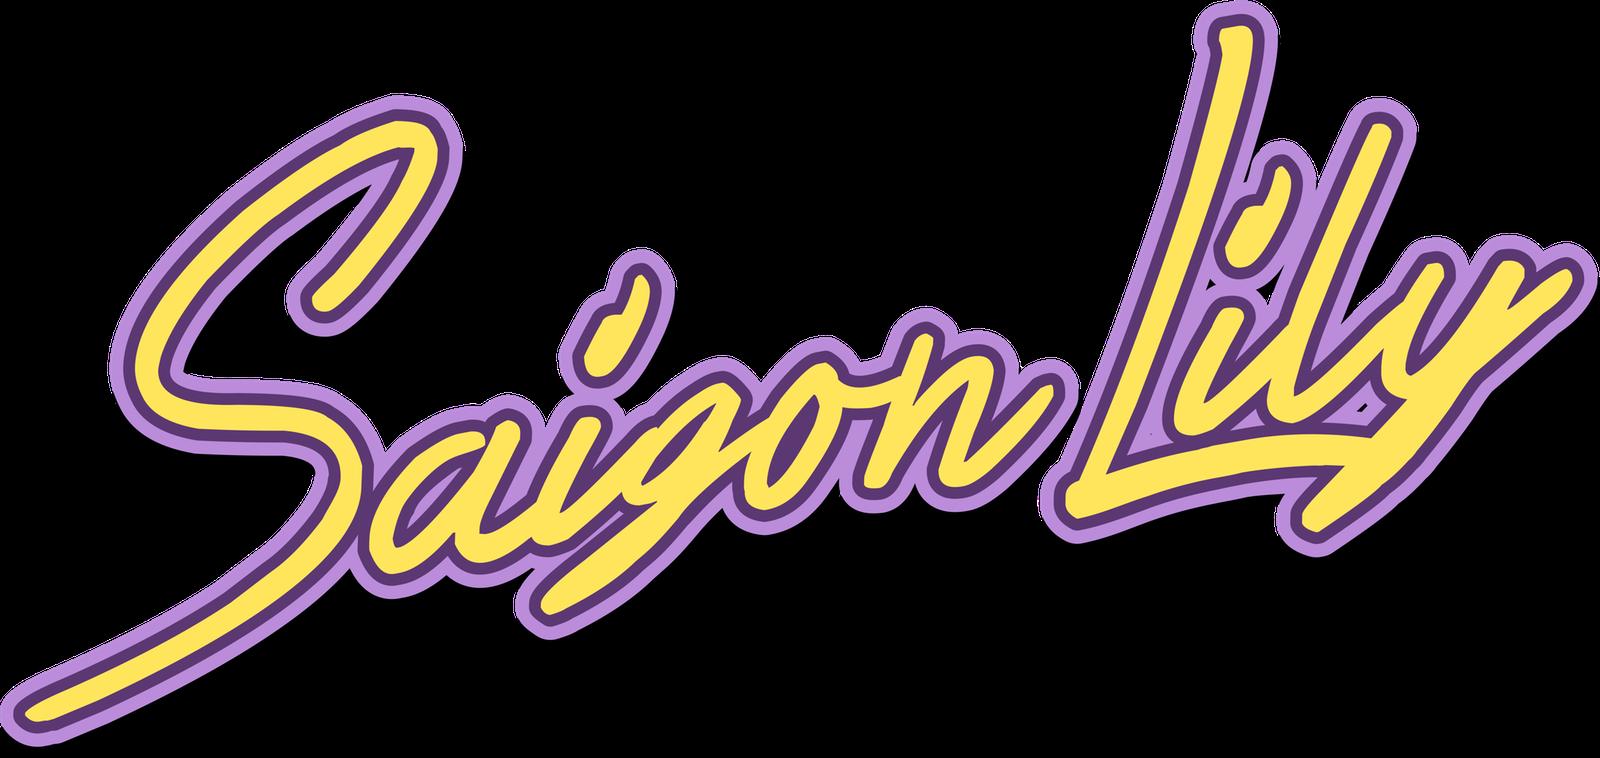 saigon-lily-logo.png